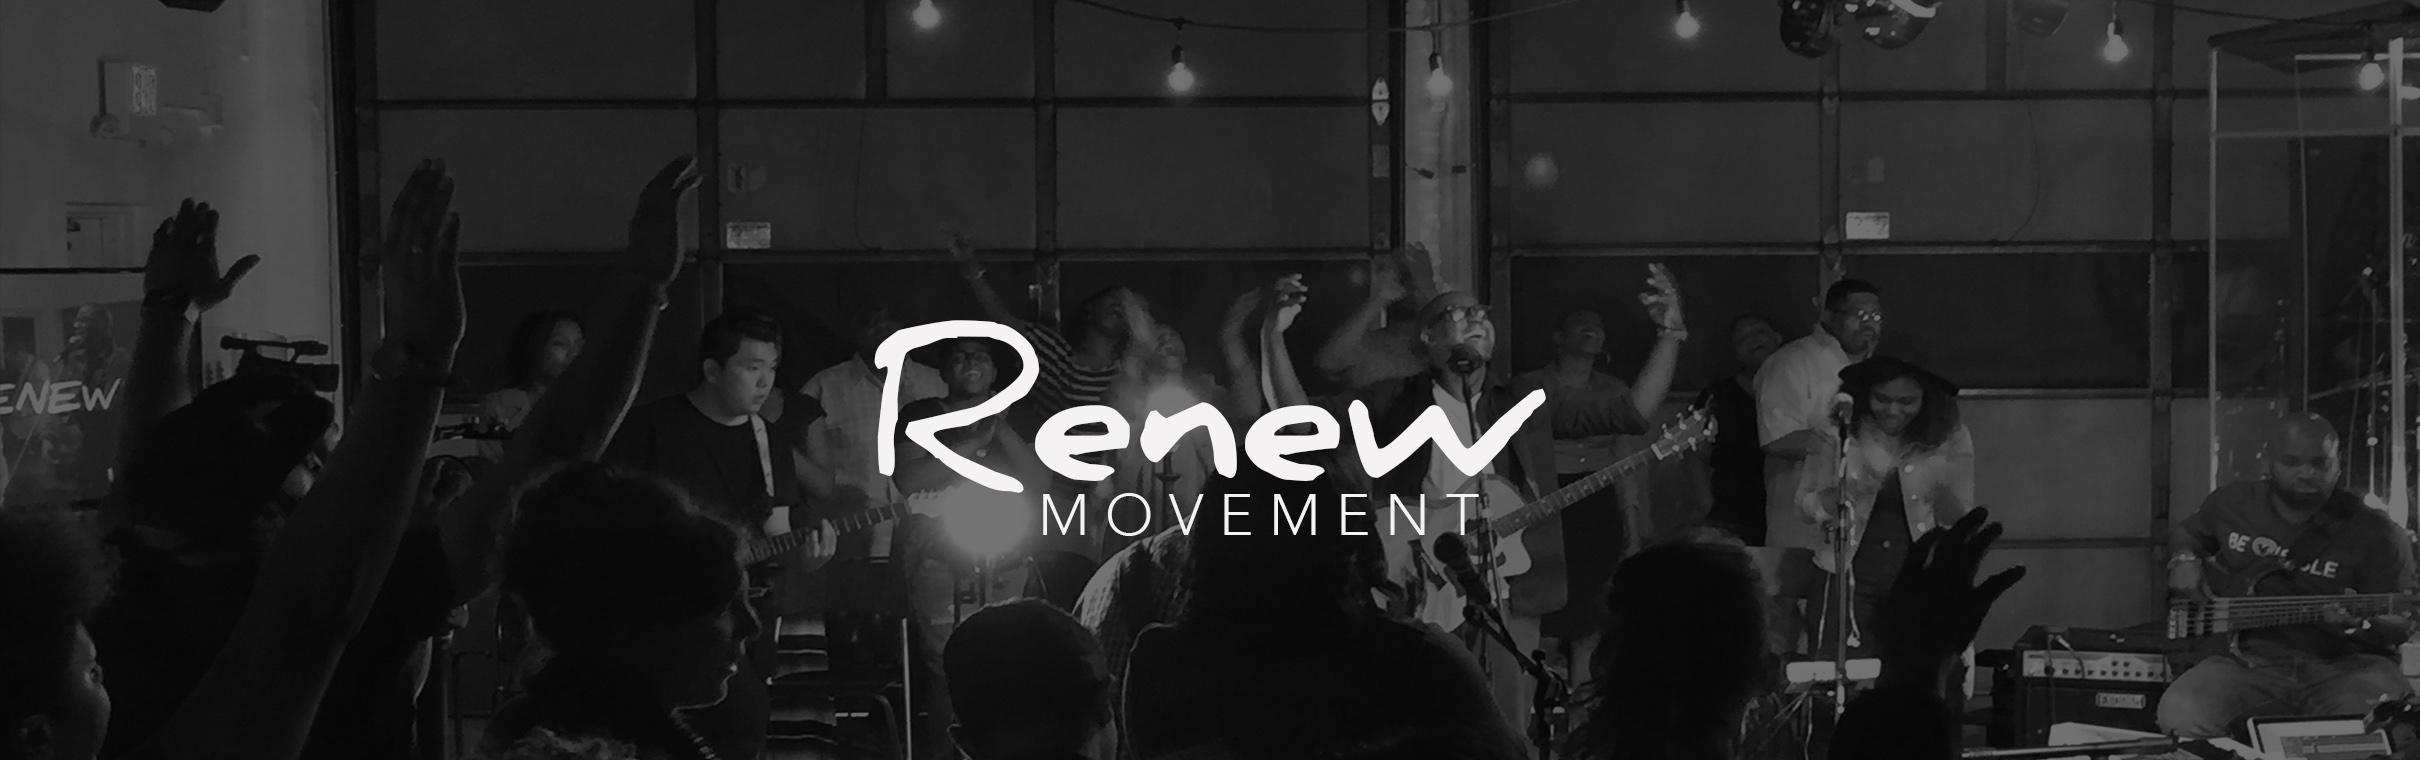 Renew Movement